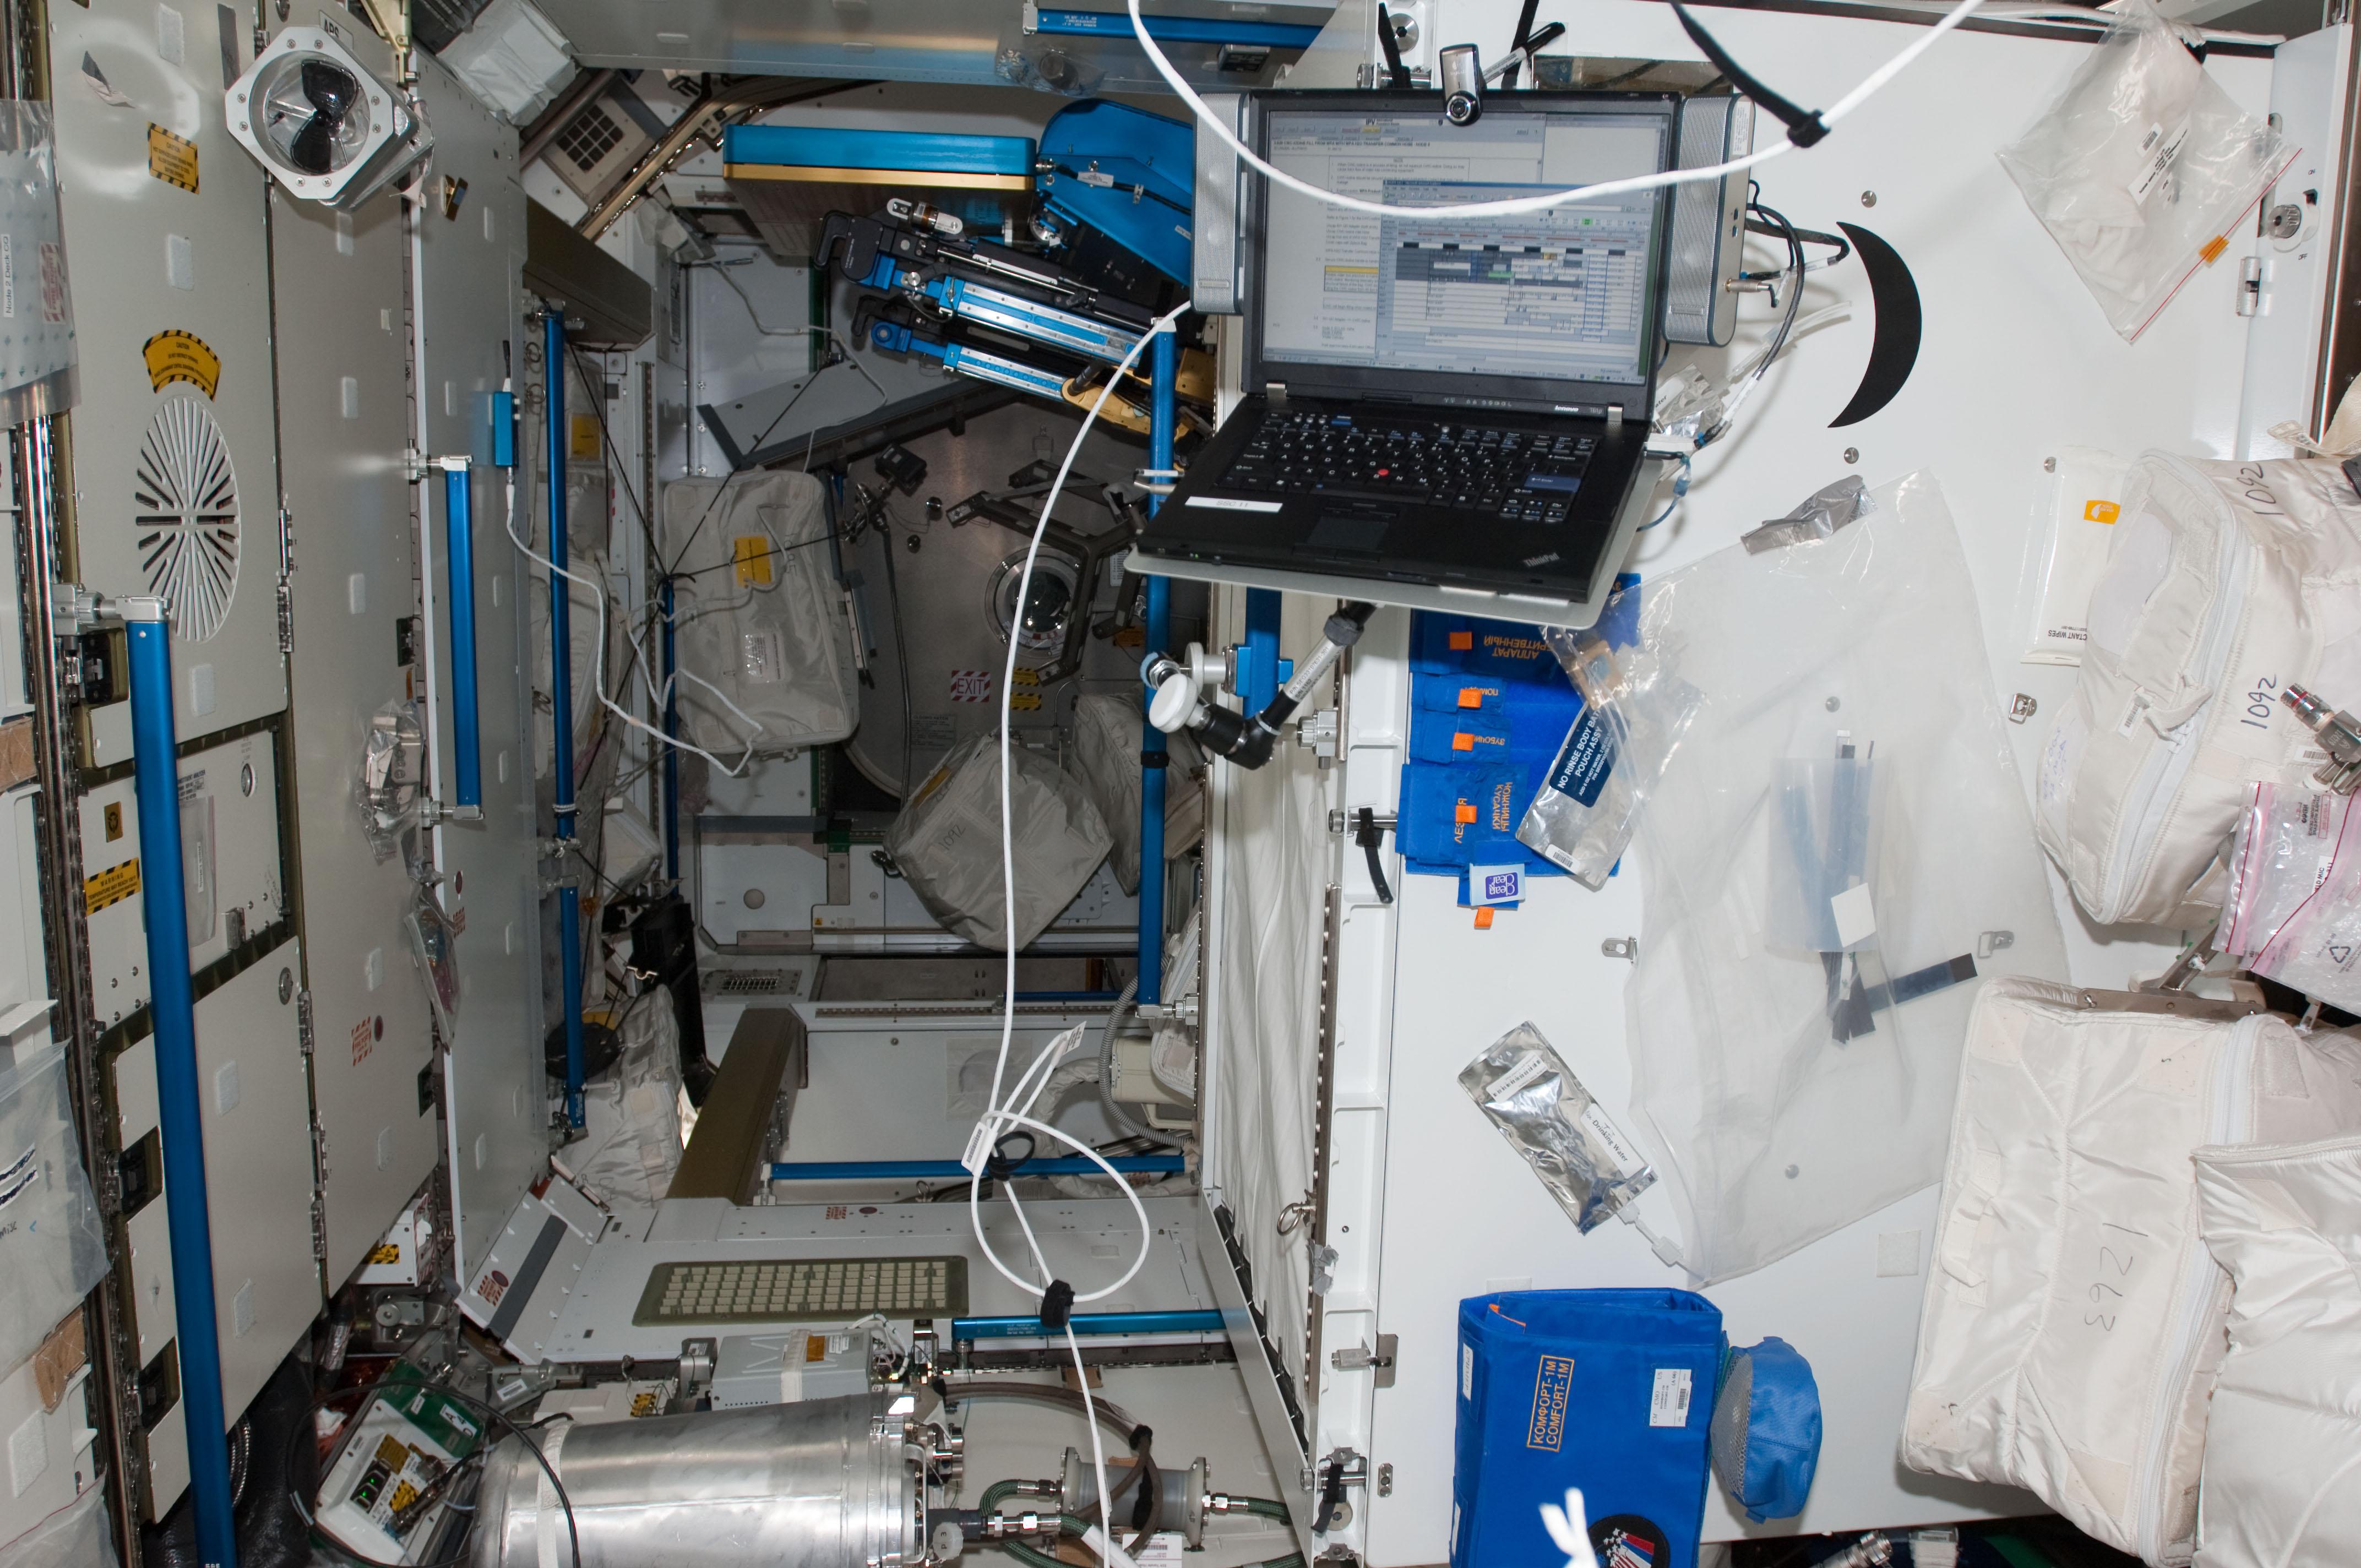 S130E010634 - STS-130 - Node 3 Interior